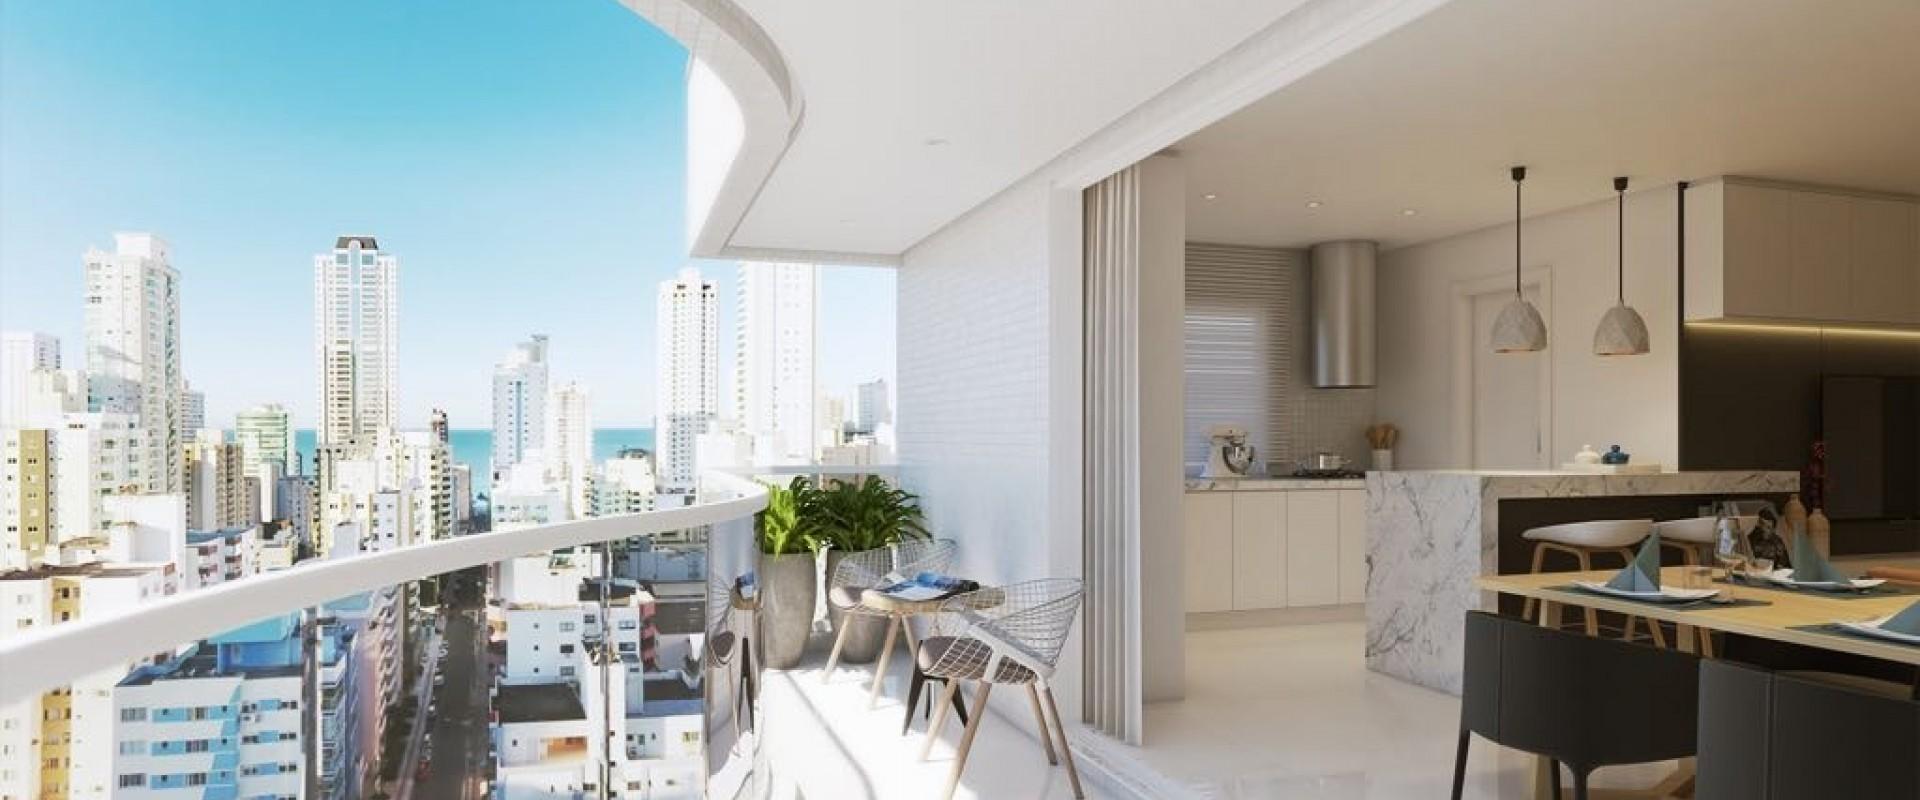 Golden Bay Apartamento no Edifício Golden Bay em Balneário Camboriú